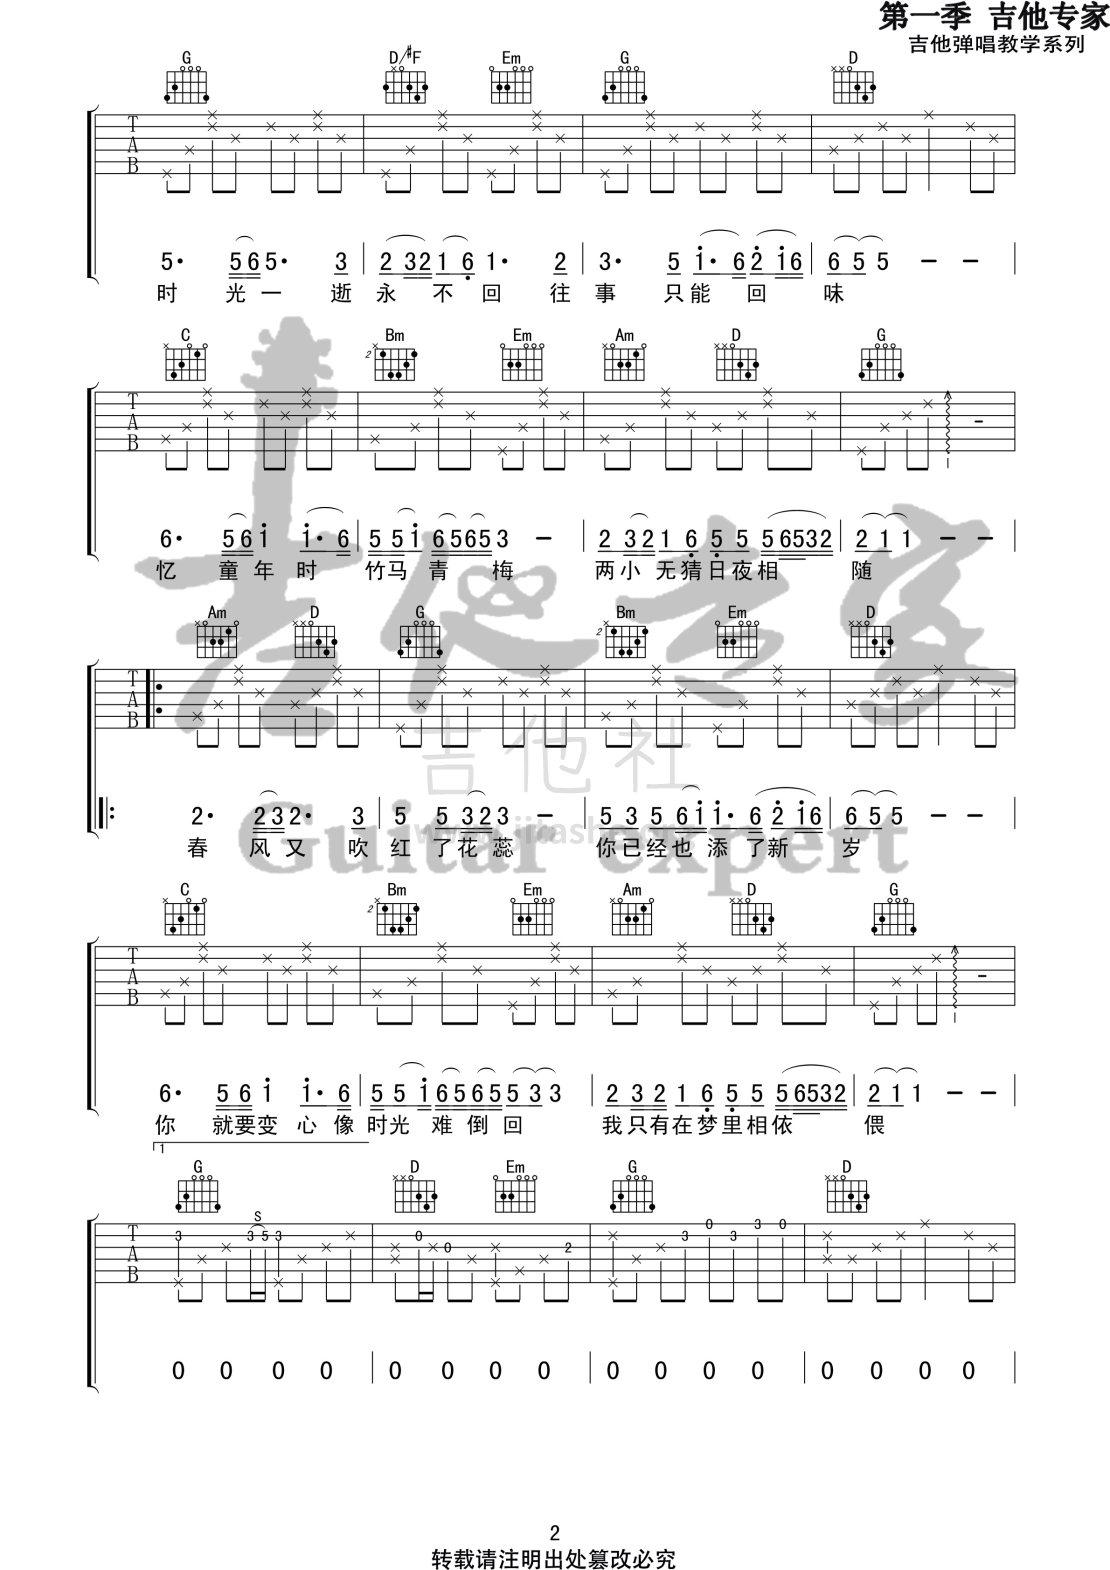 往事只能回味(音艺吉他专家弹唱教学:第一季第45集)吉他谱(图片谱,弹唱,伴奏,教程)_好妹妹_往事只能回味2 第一季第四十五集.jpg